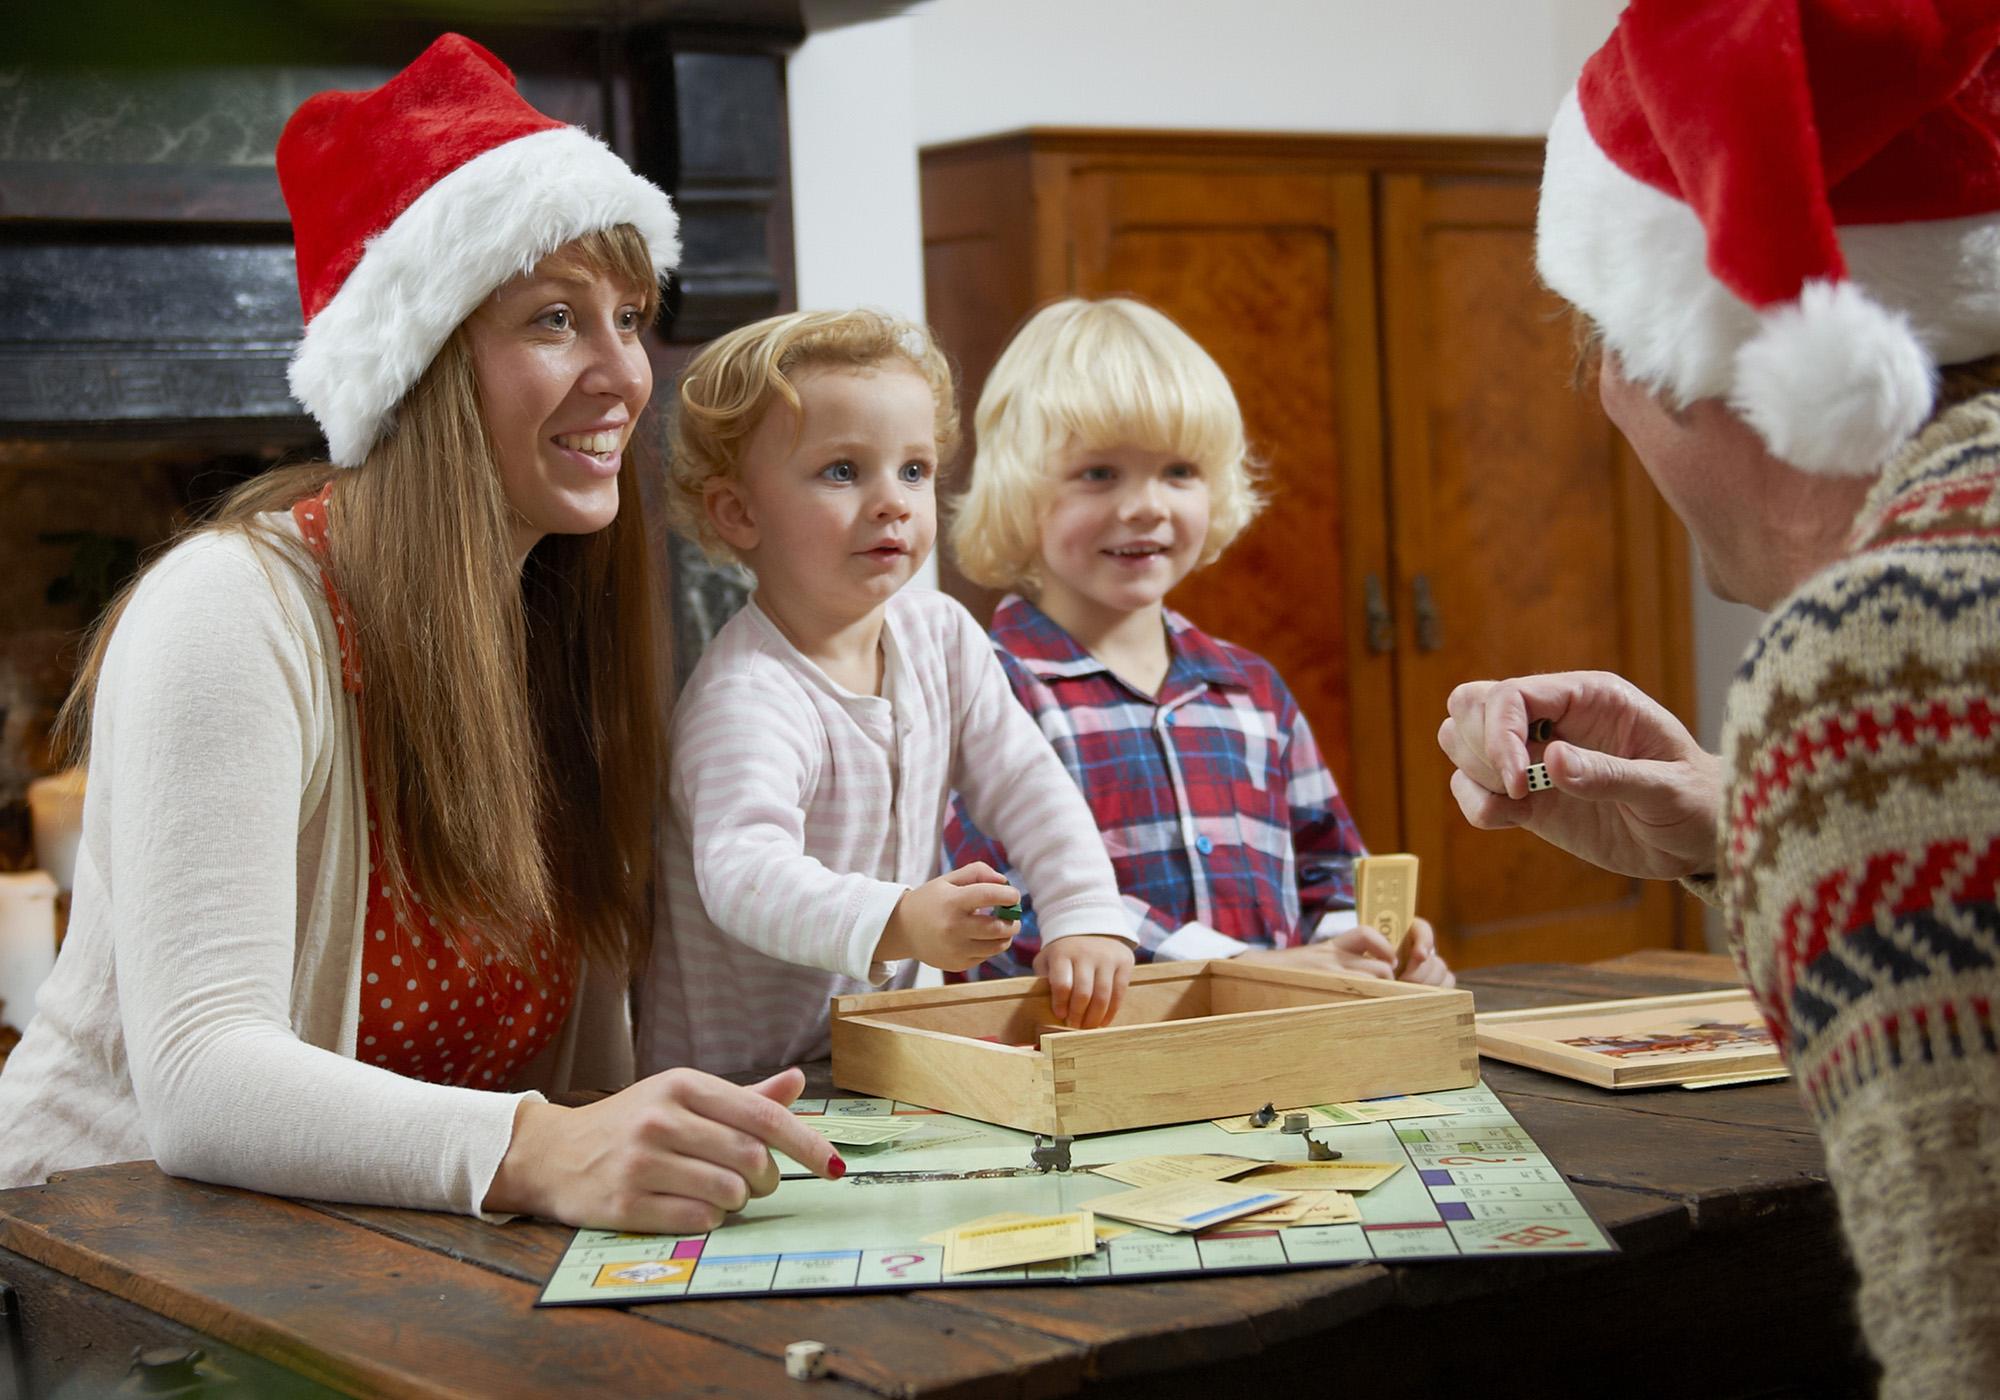 1_Family_Board_Game.jpg